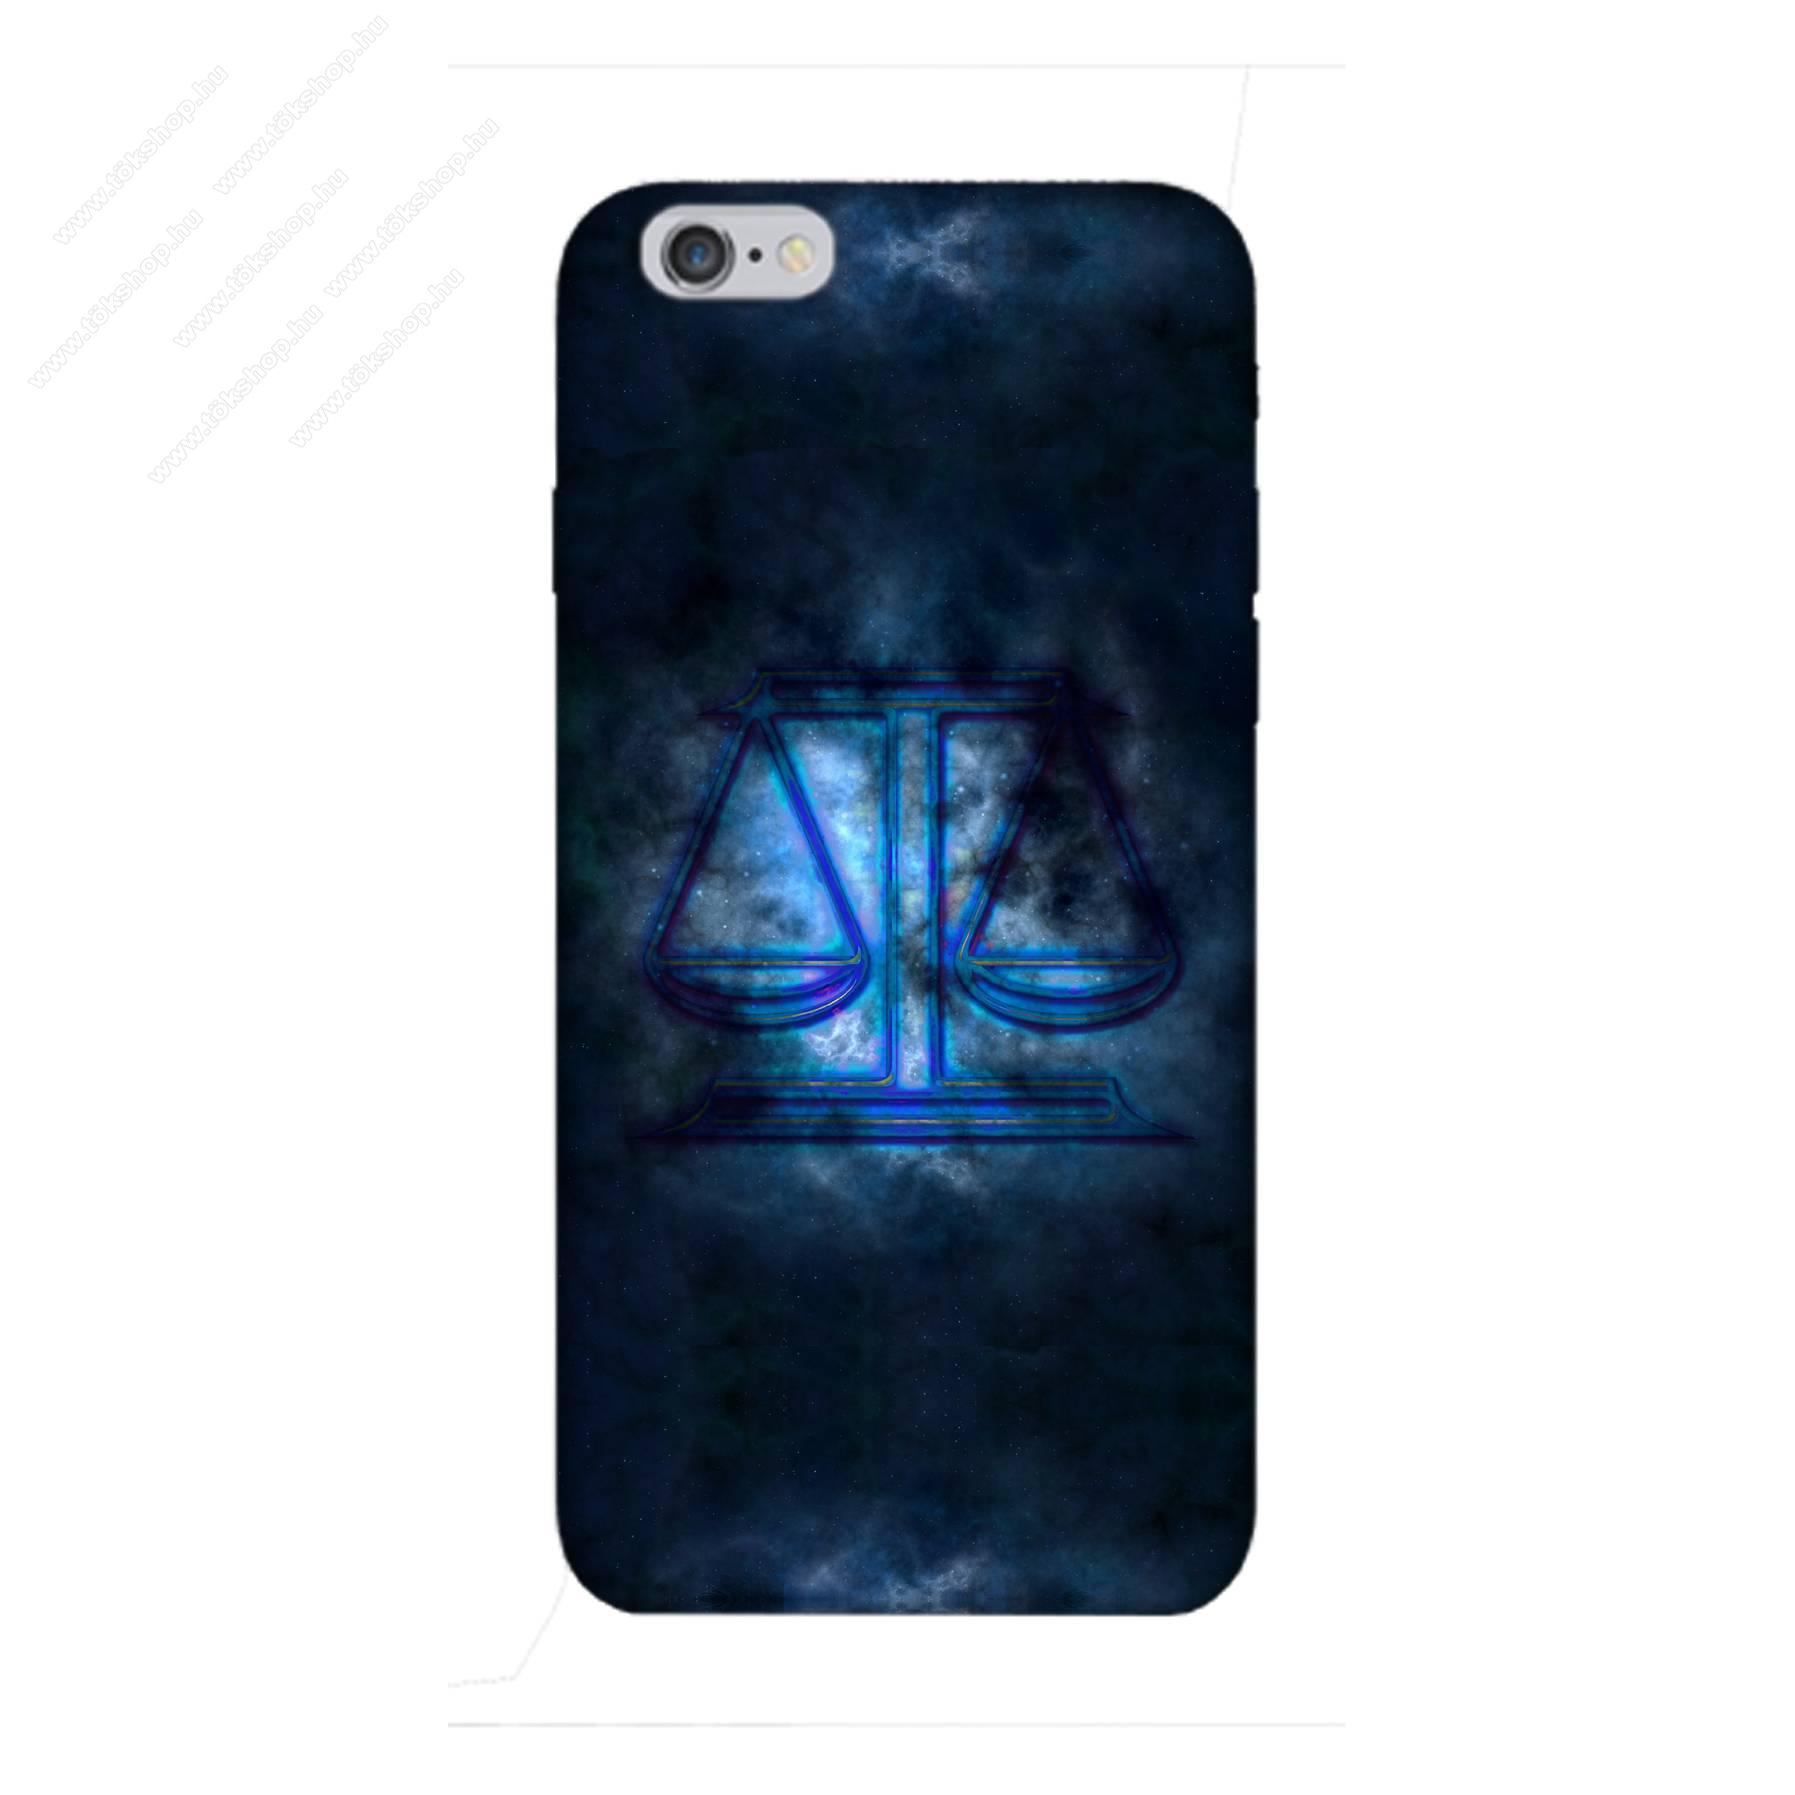 E-pic szilikon védő tok / hátlap - Horoszkóp, Mérleg mintás - APPLE iPhone 6 Plus / APPLE iPhone 6s Plus